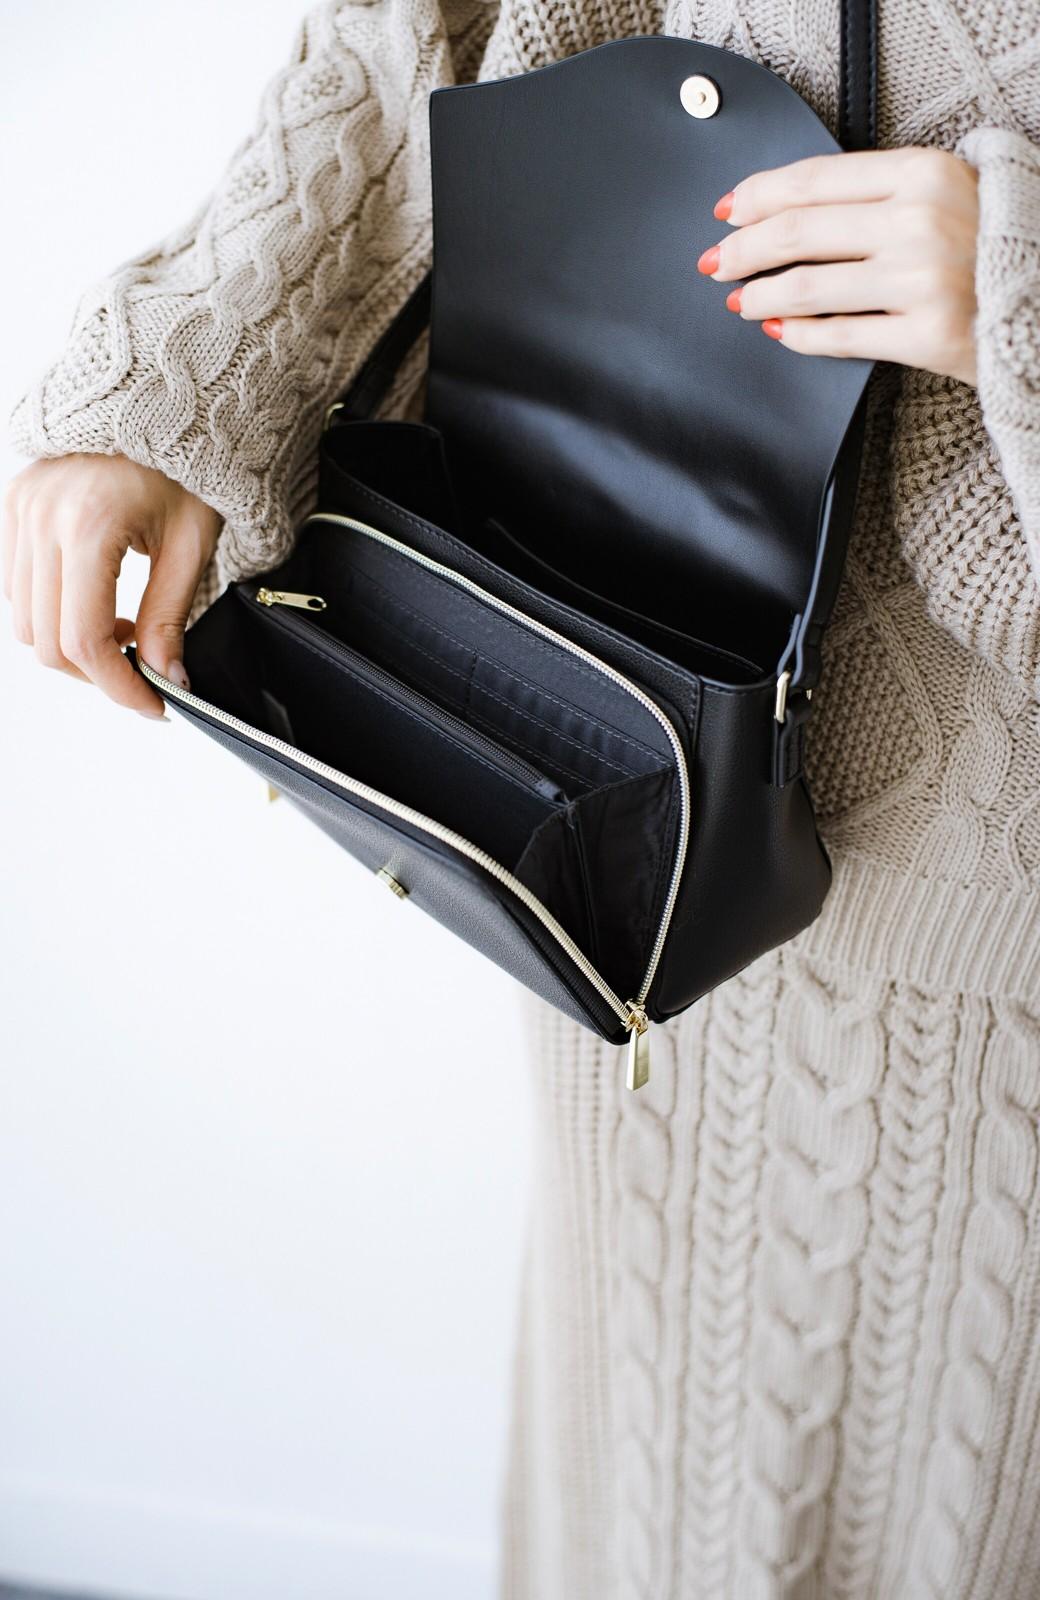 haco! Legato Largo かるいかばんシリーズ 軽量ボンディングフェイクレザー お財布ショルダーバッグ <ブラック>の商品写真4